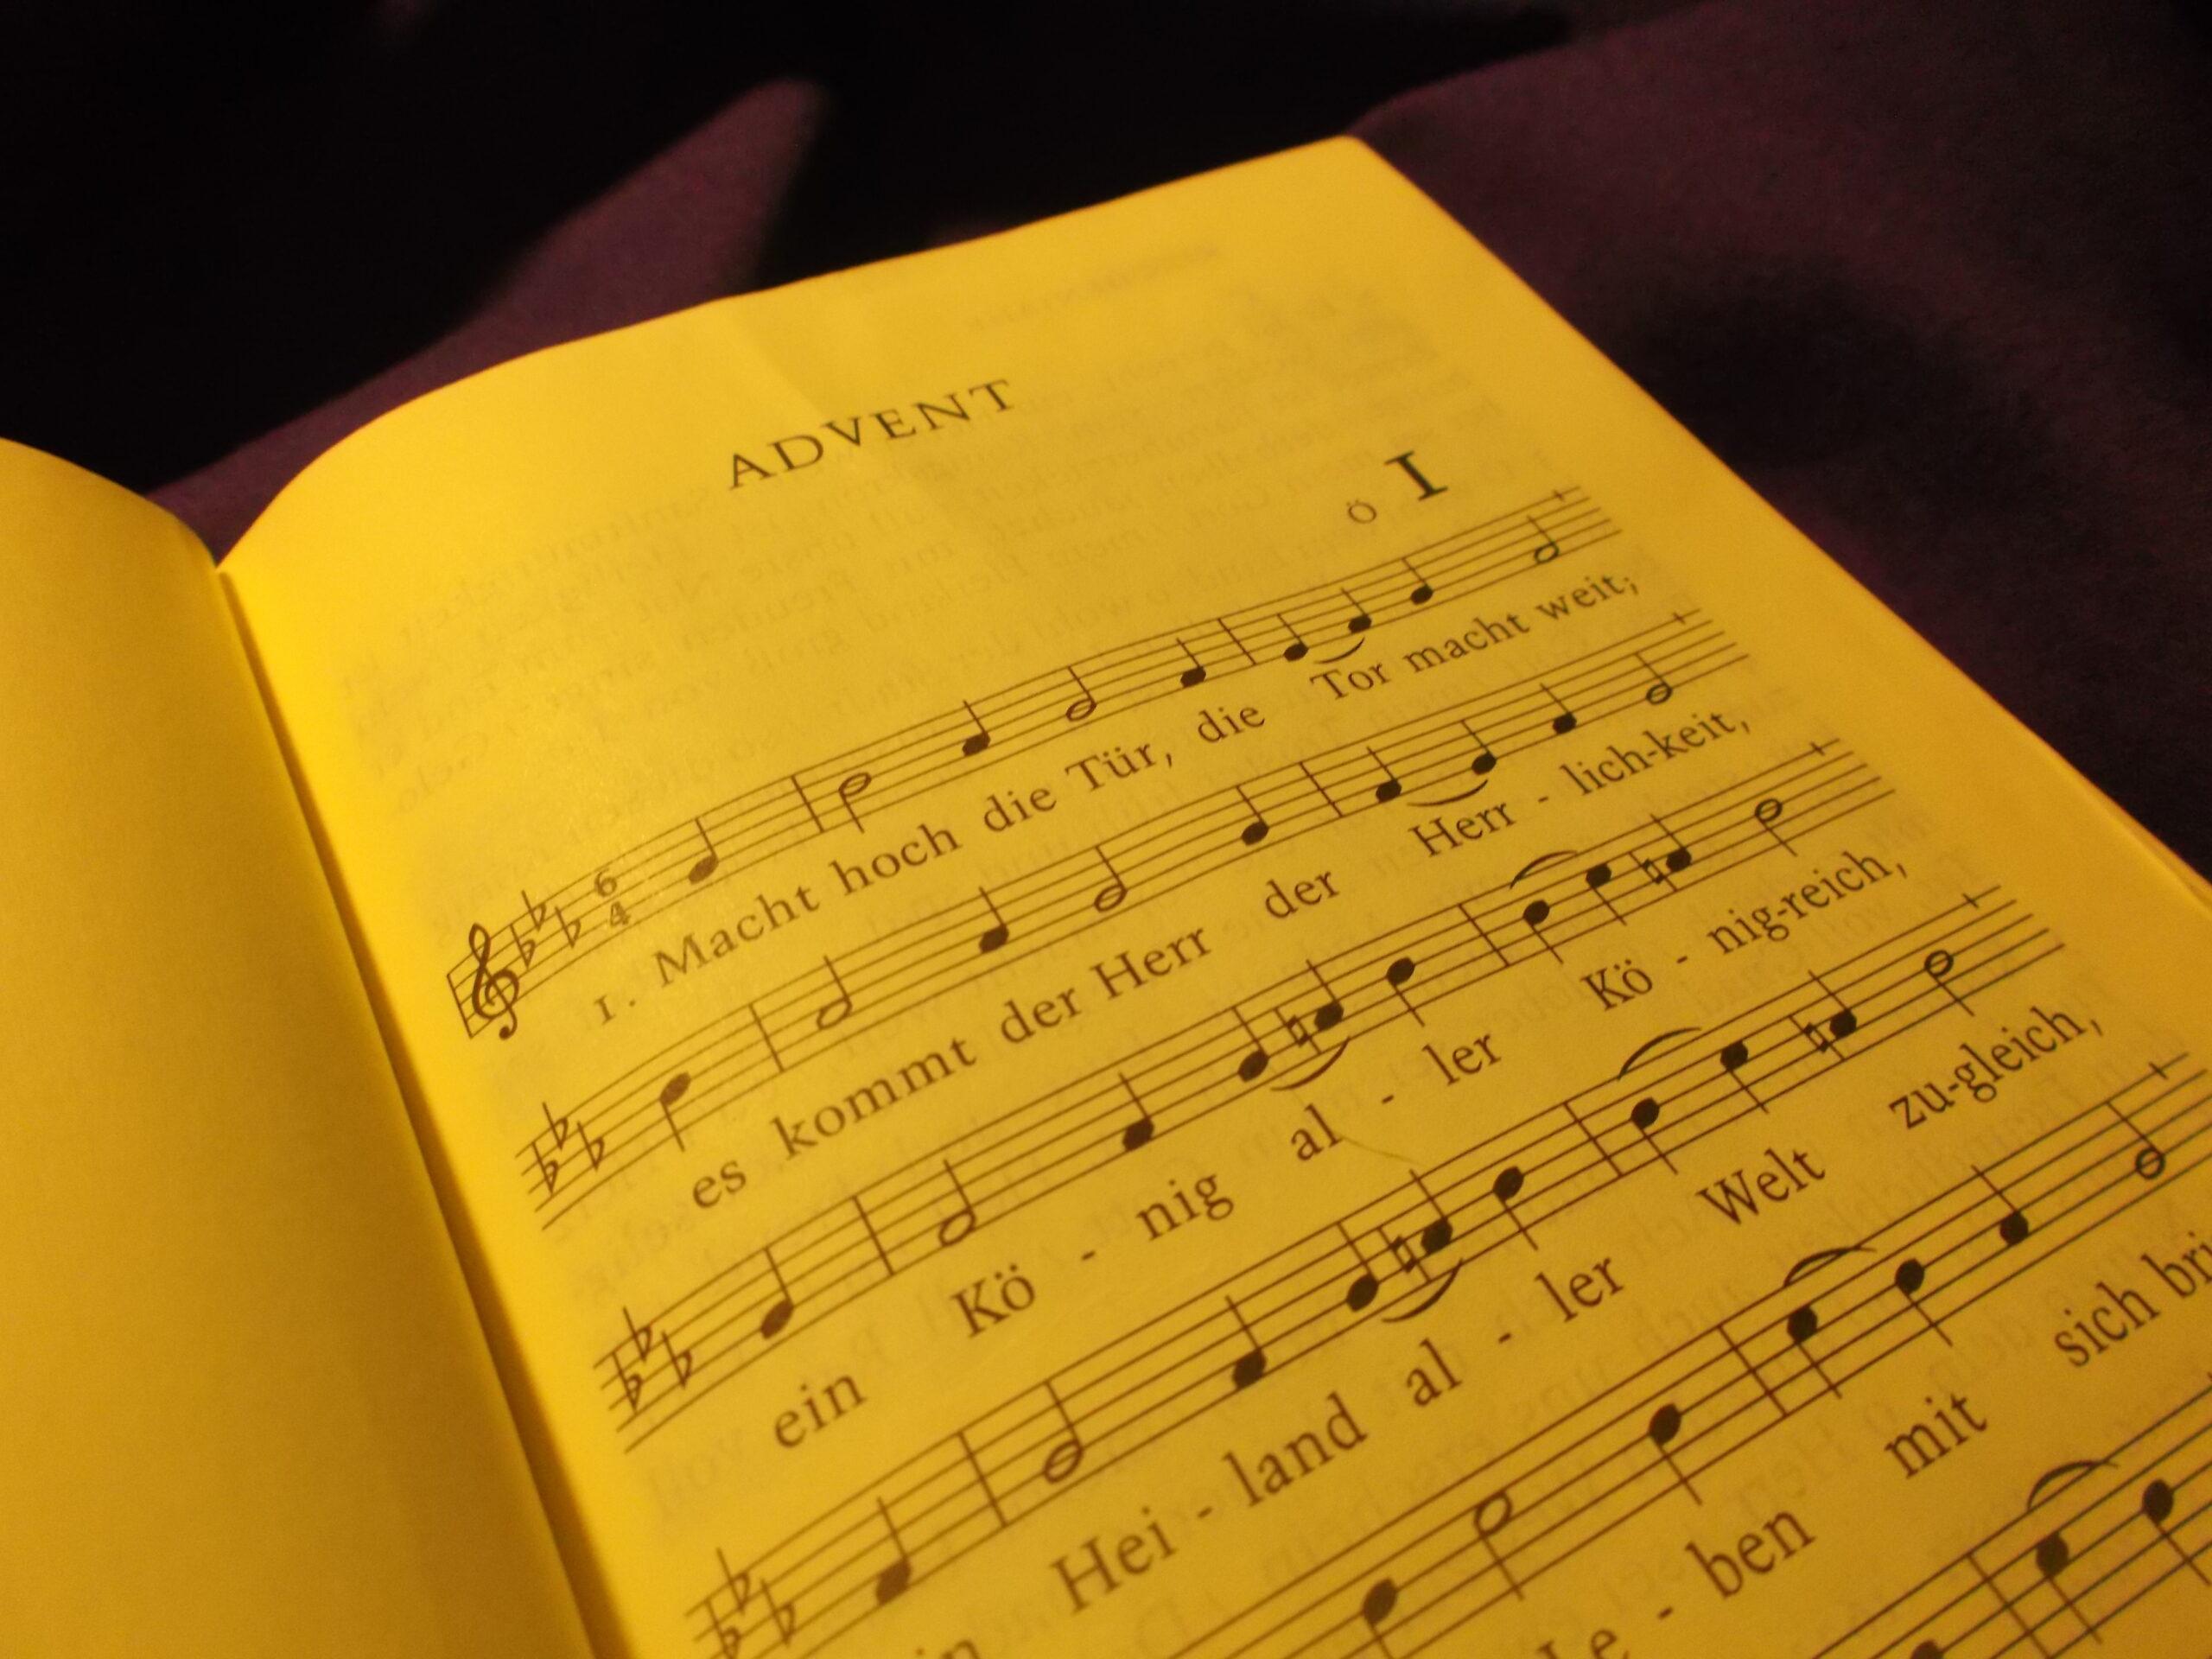 Singen wie in der Kirche – Lieder der Advents- und Weihnachtszeit zum Singen daheim